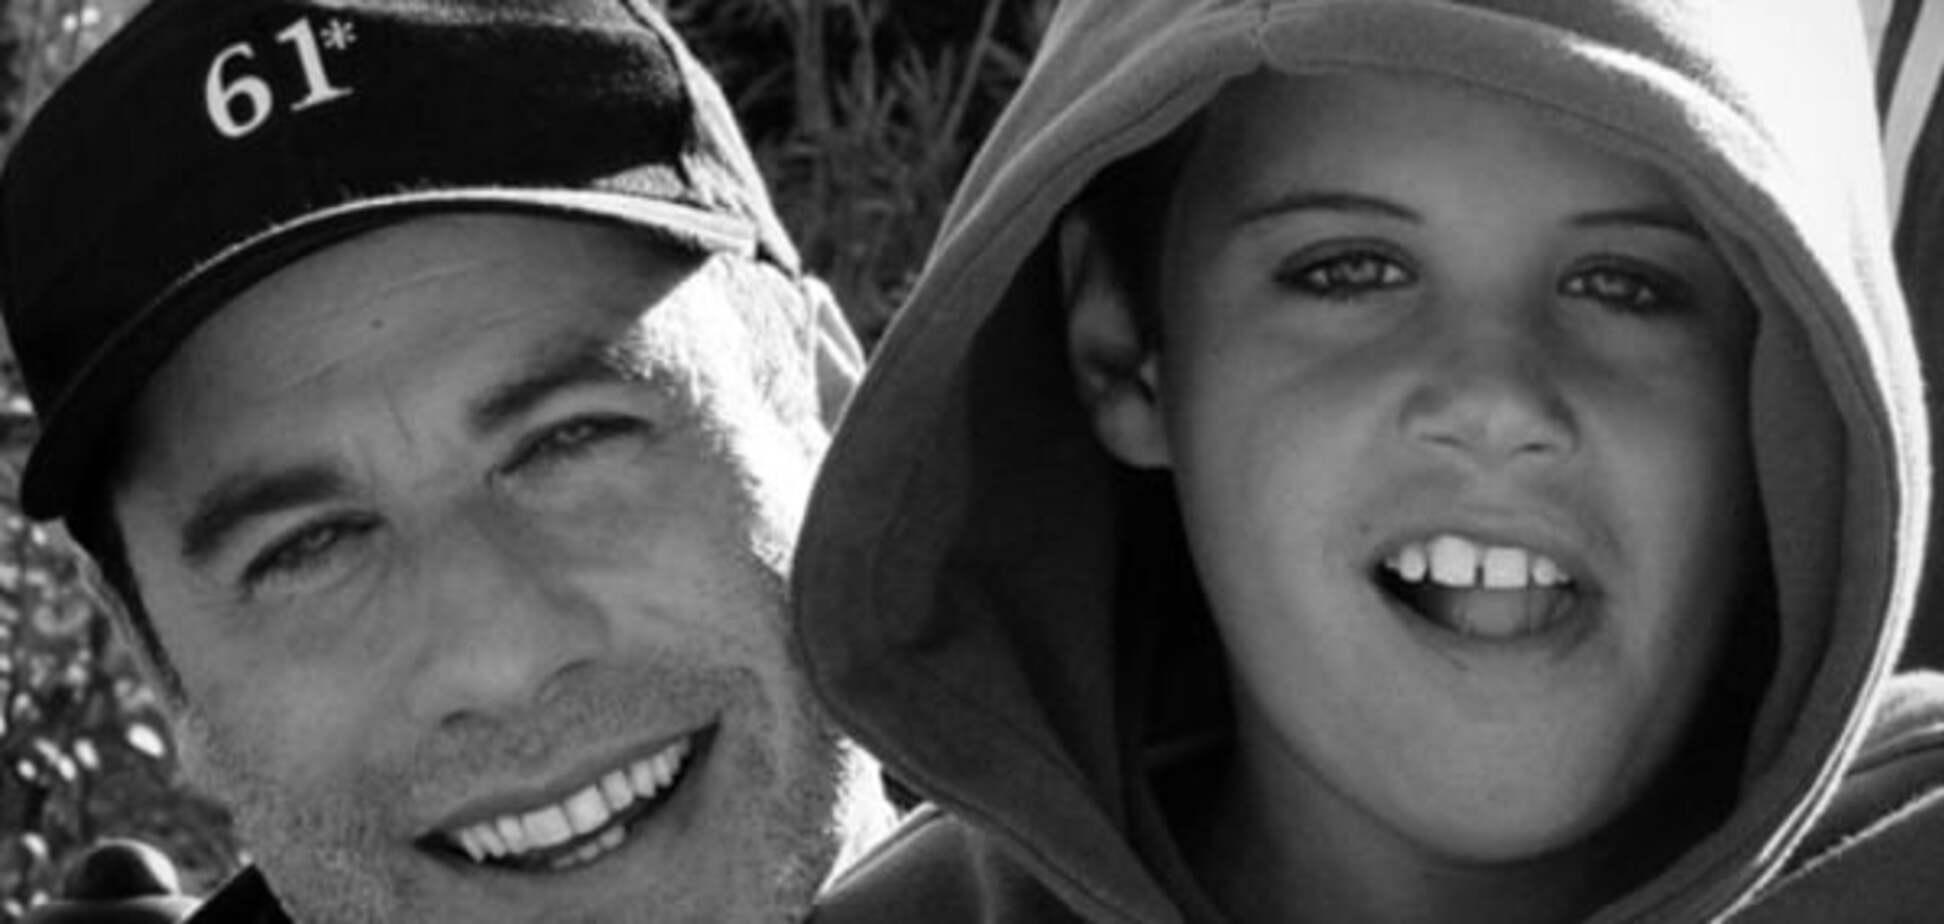 Джон Траволта опубликовал трогательное сообщение в память о сыне